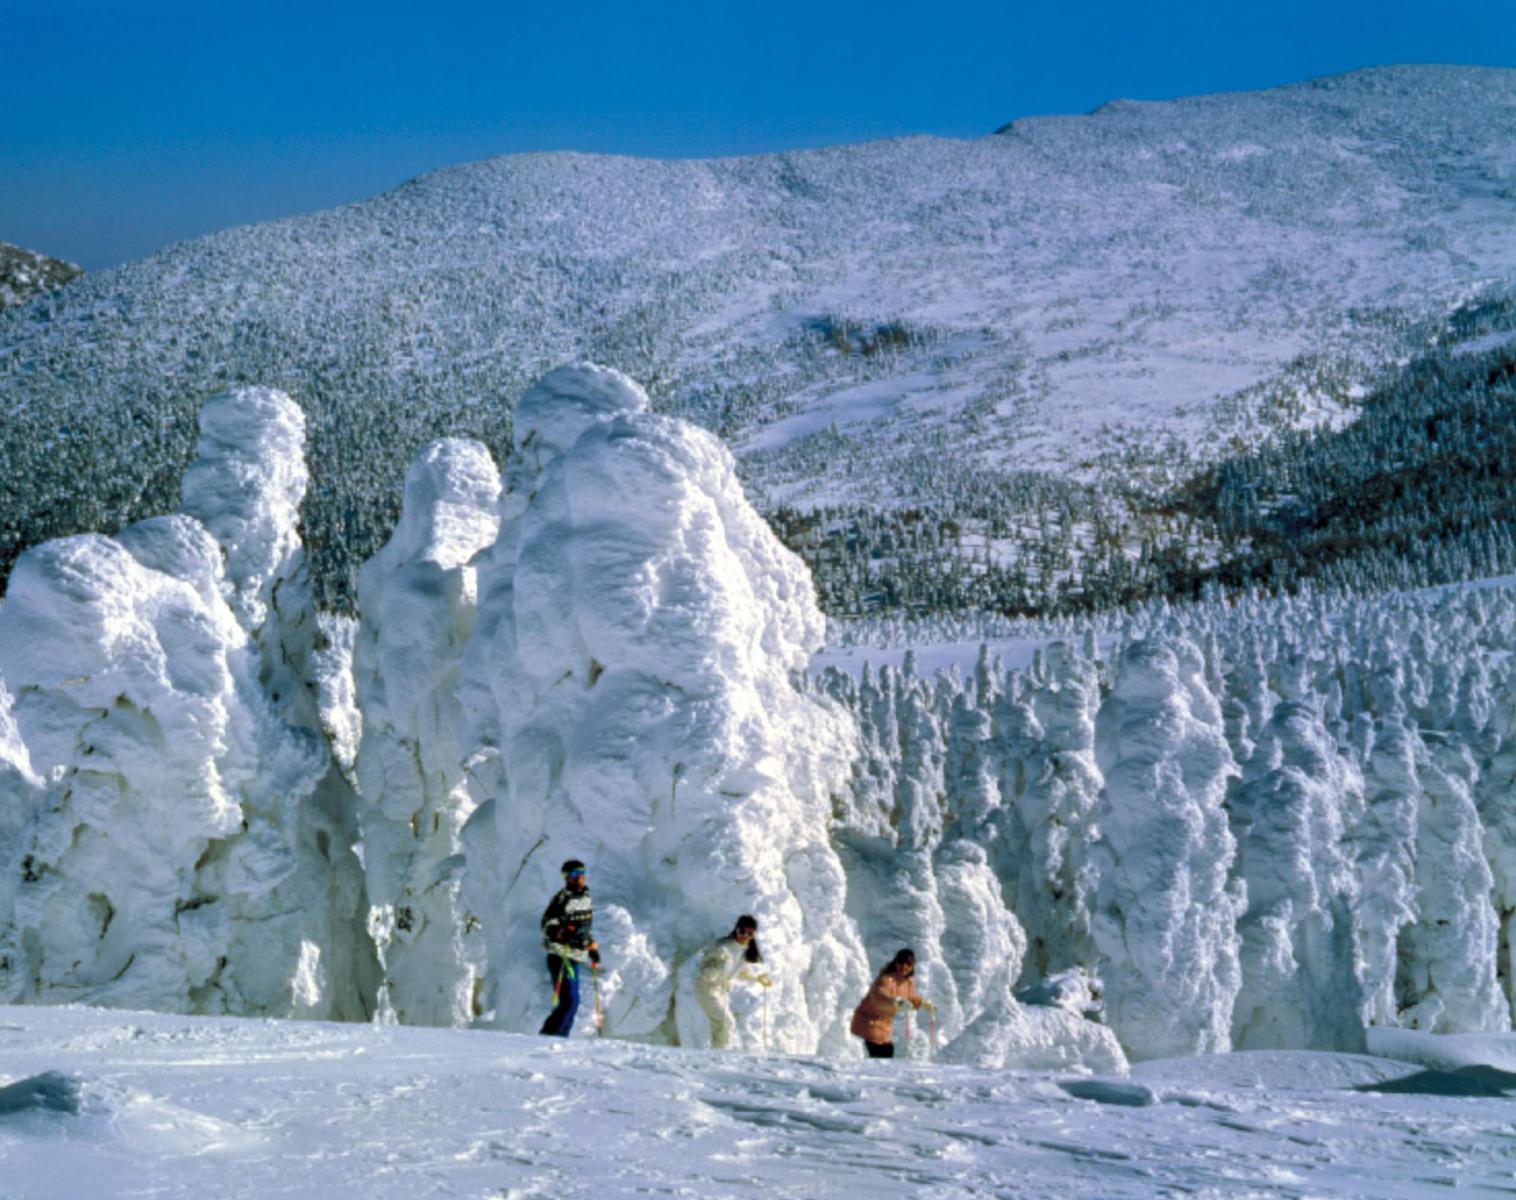 Japon  Le Japon dans son écrin hivernale   Balade nature Rencontres et cultures du Monde